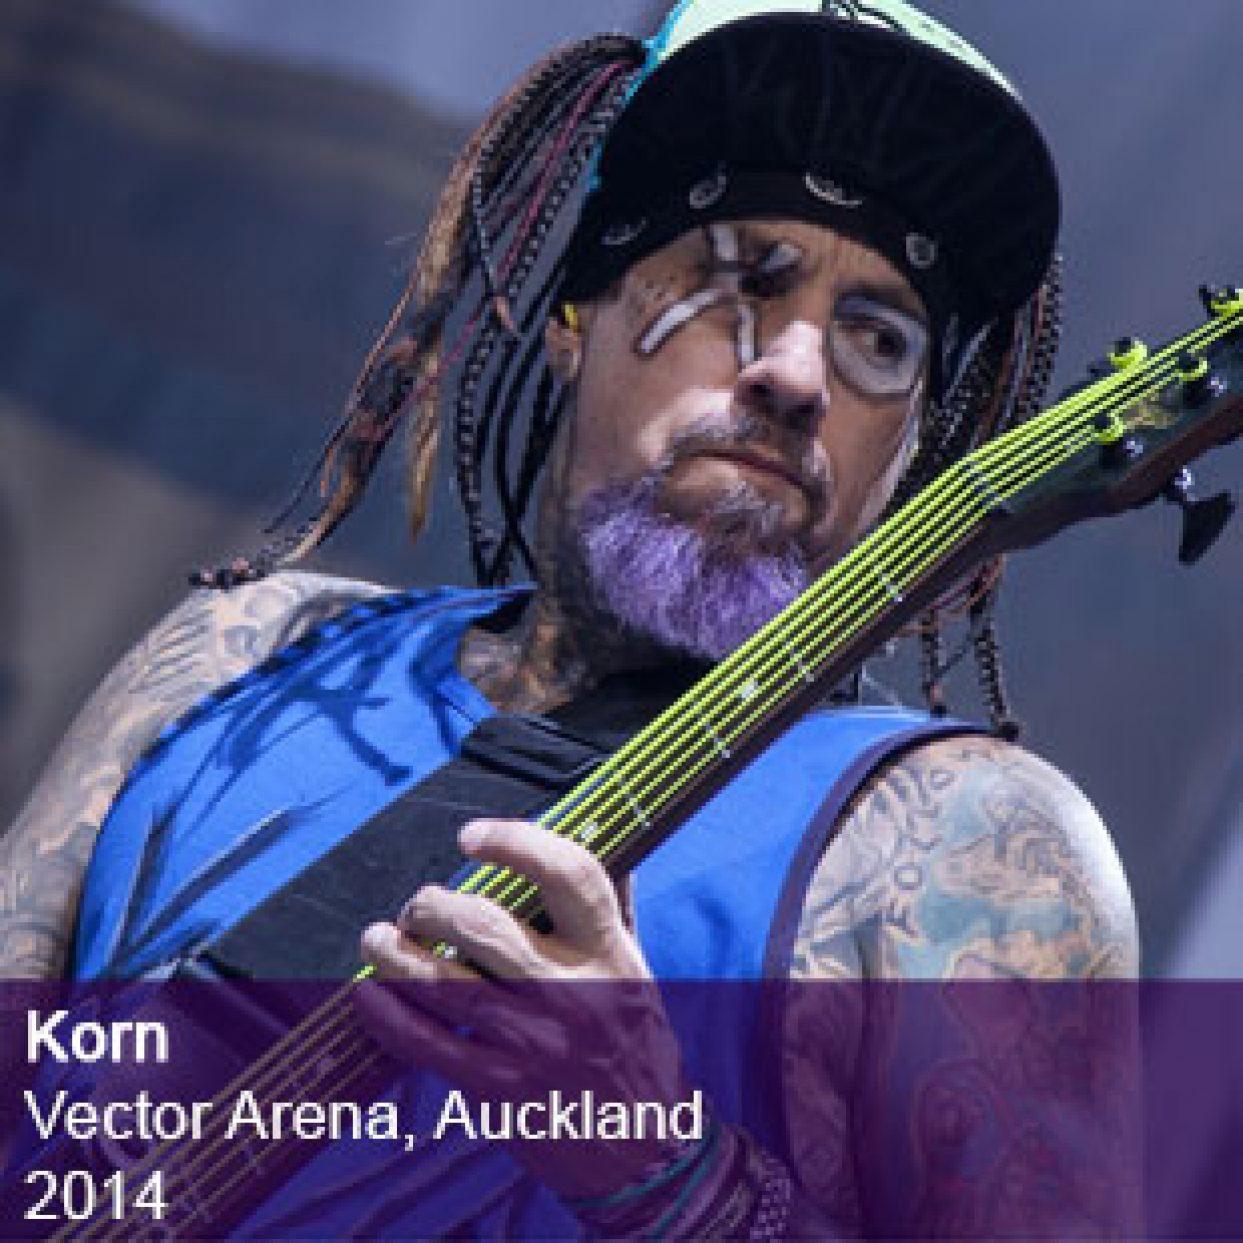 Korn live